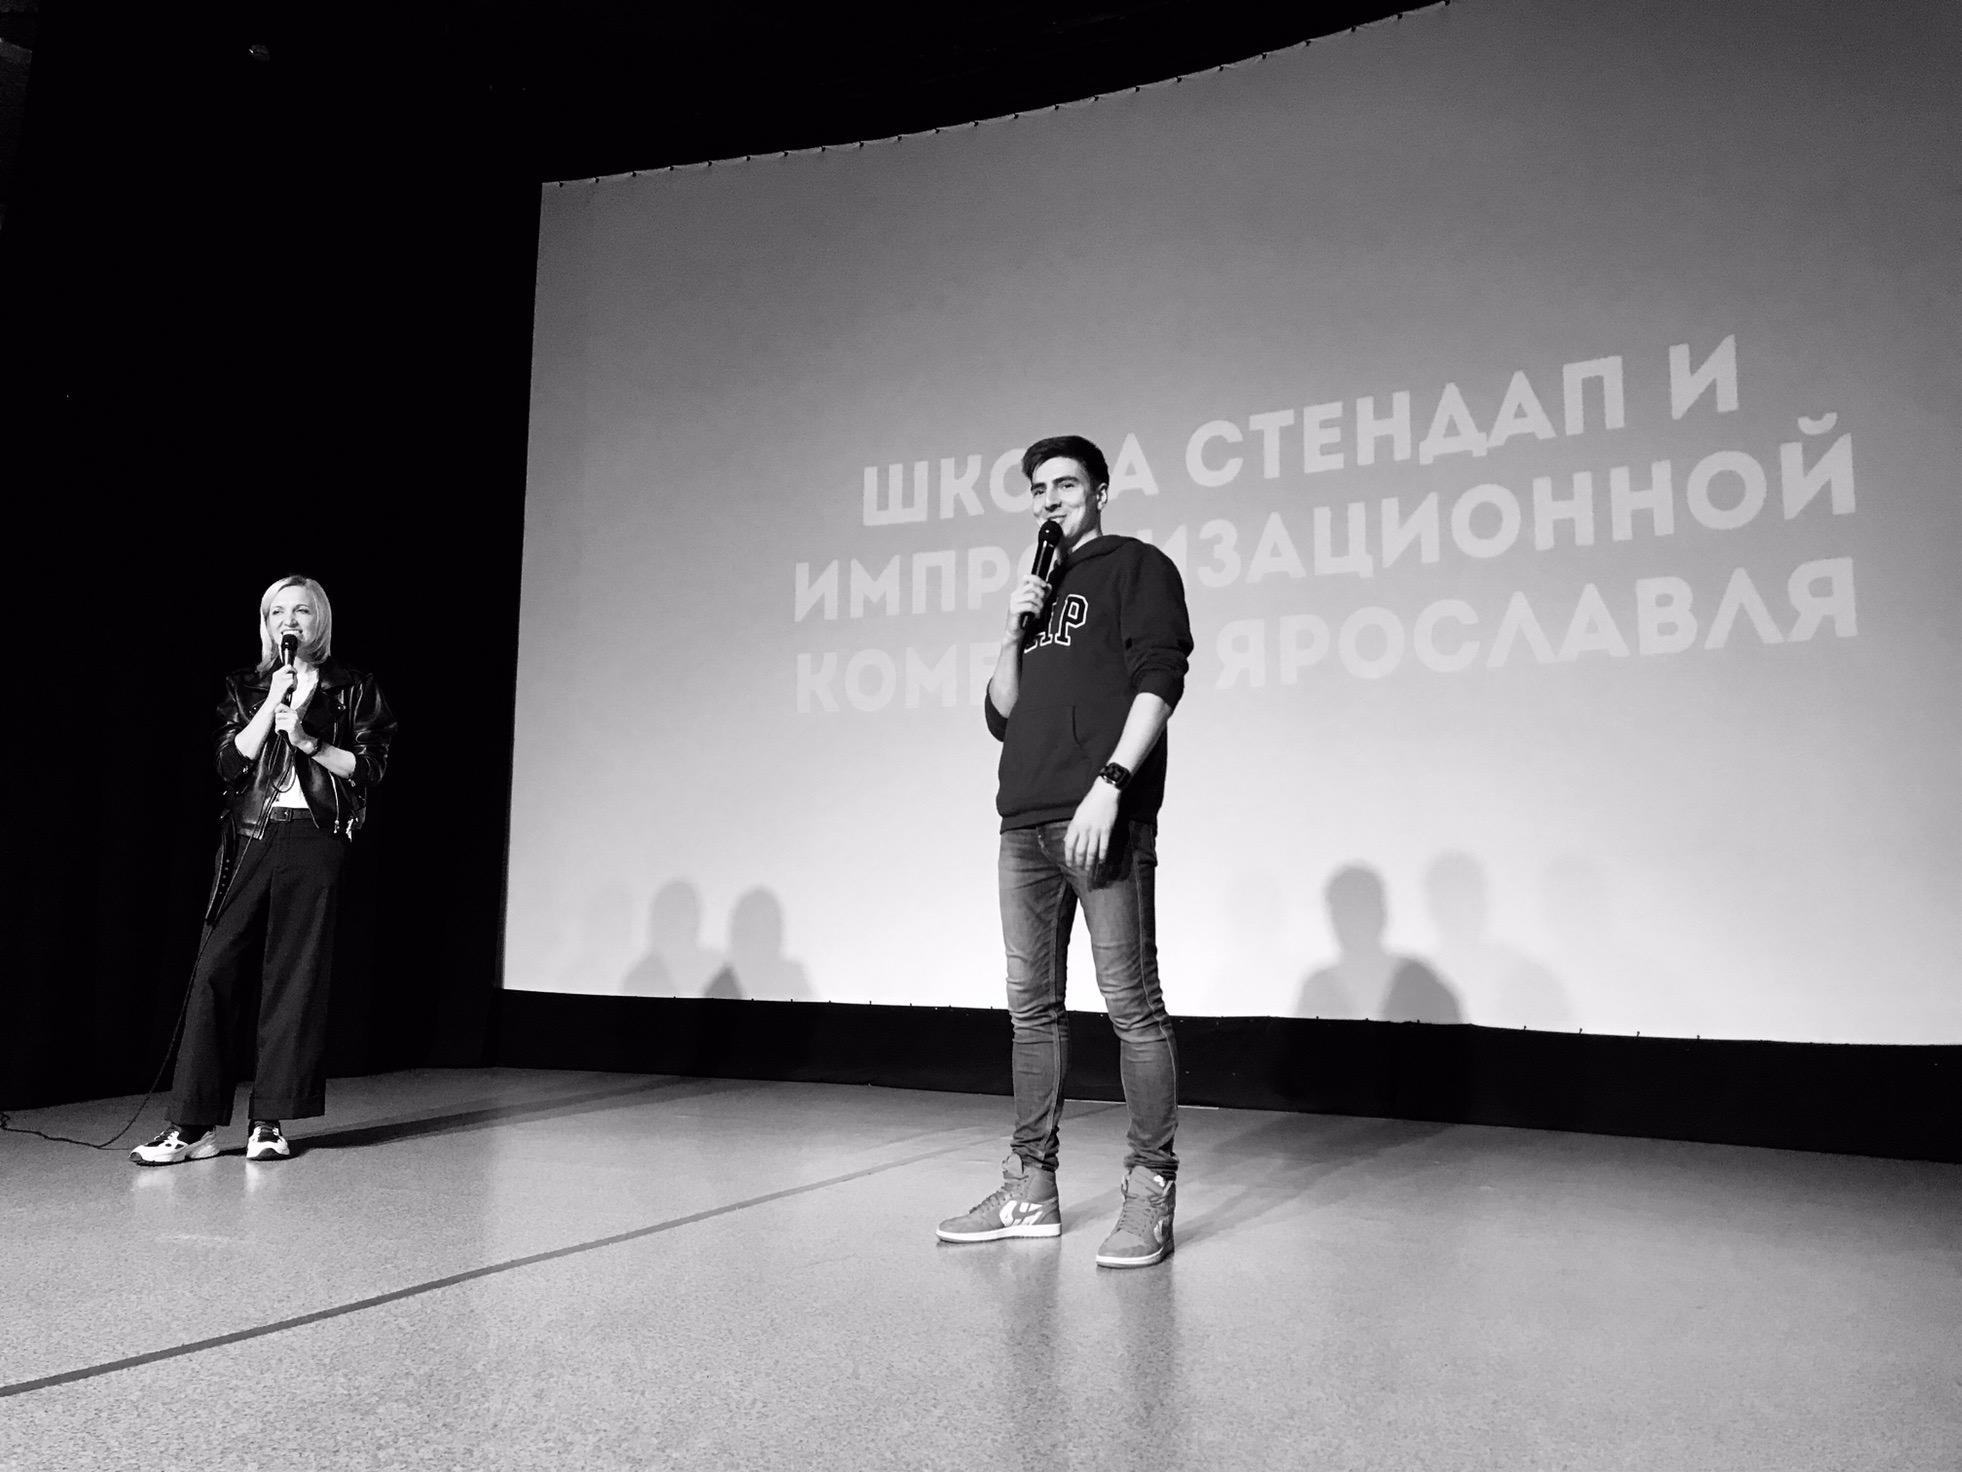 53 млн. рублей получили молодые ярославцы на реализацию своих проектов в 2020 году